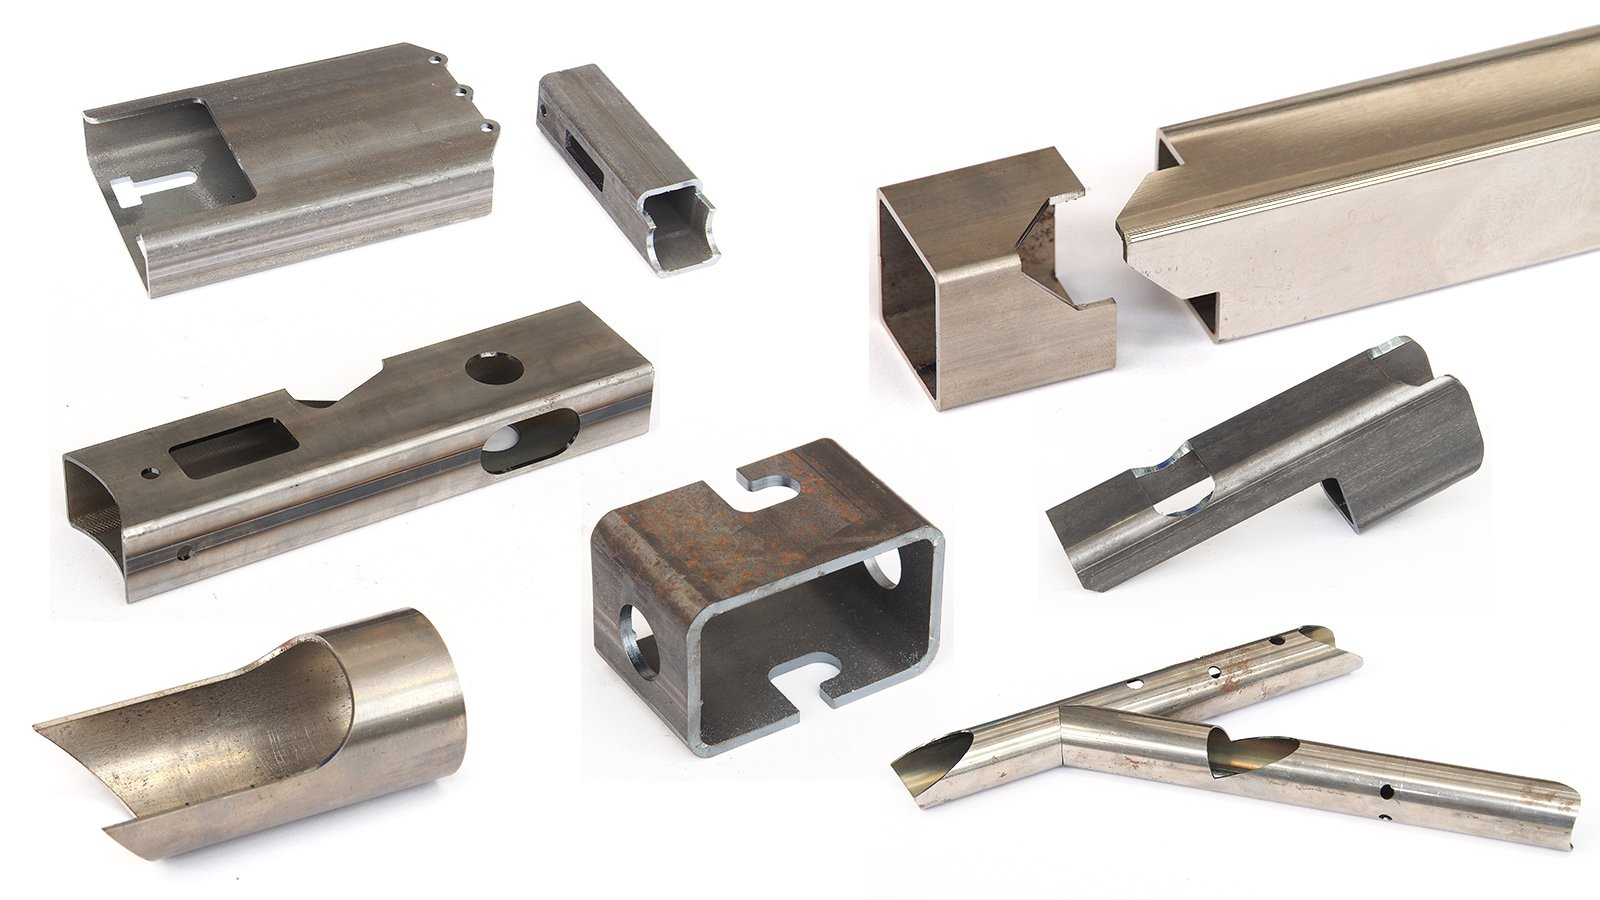 Esempi di semilavorati laser in metallo